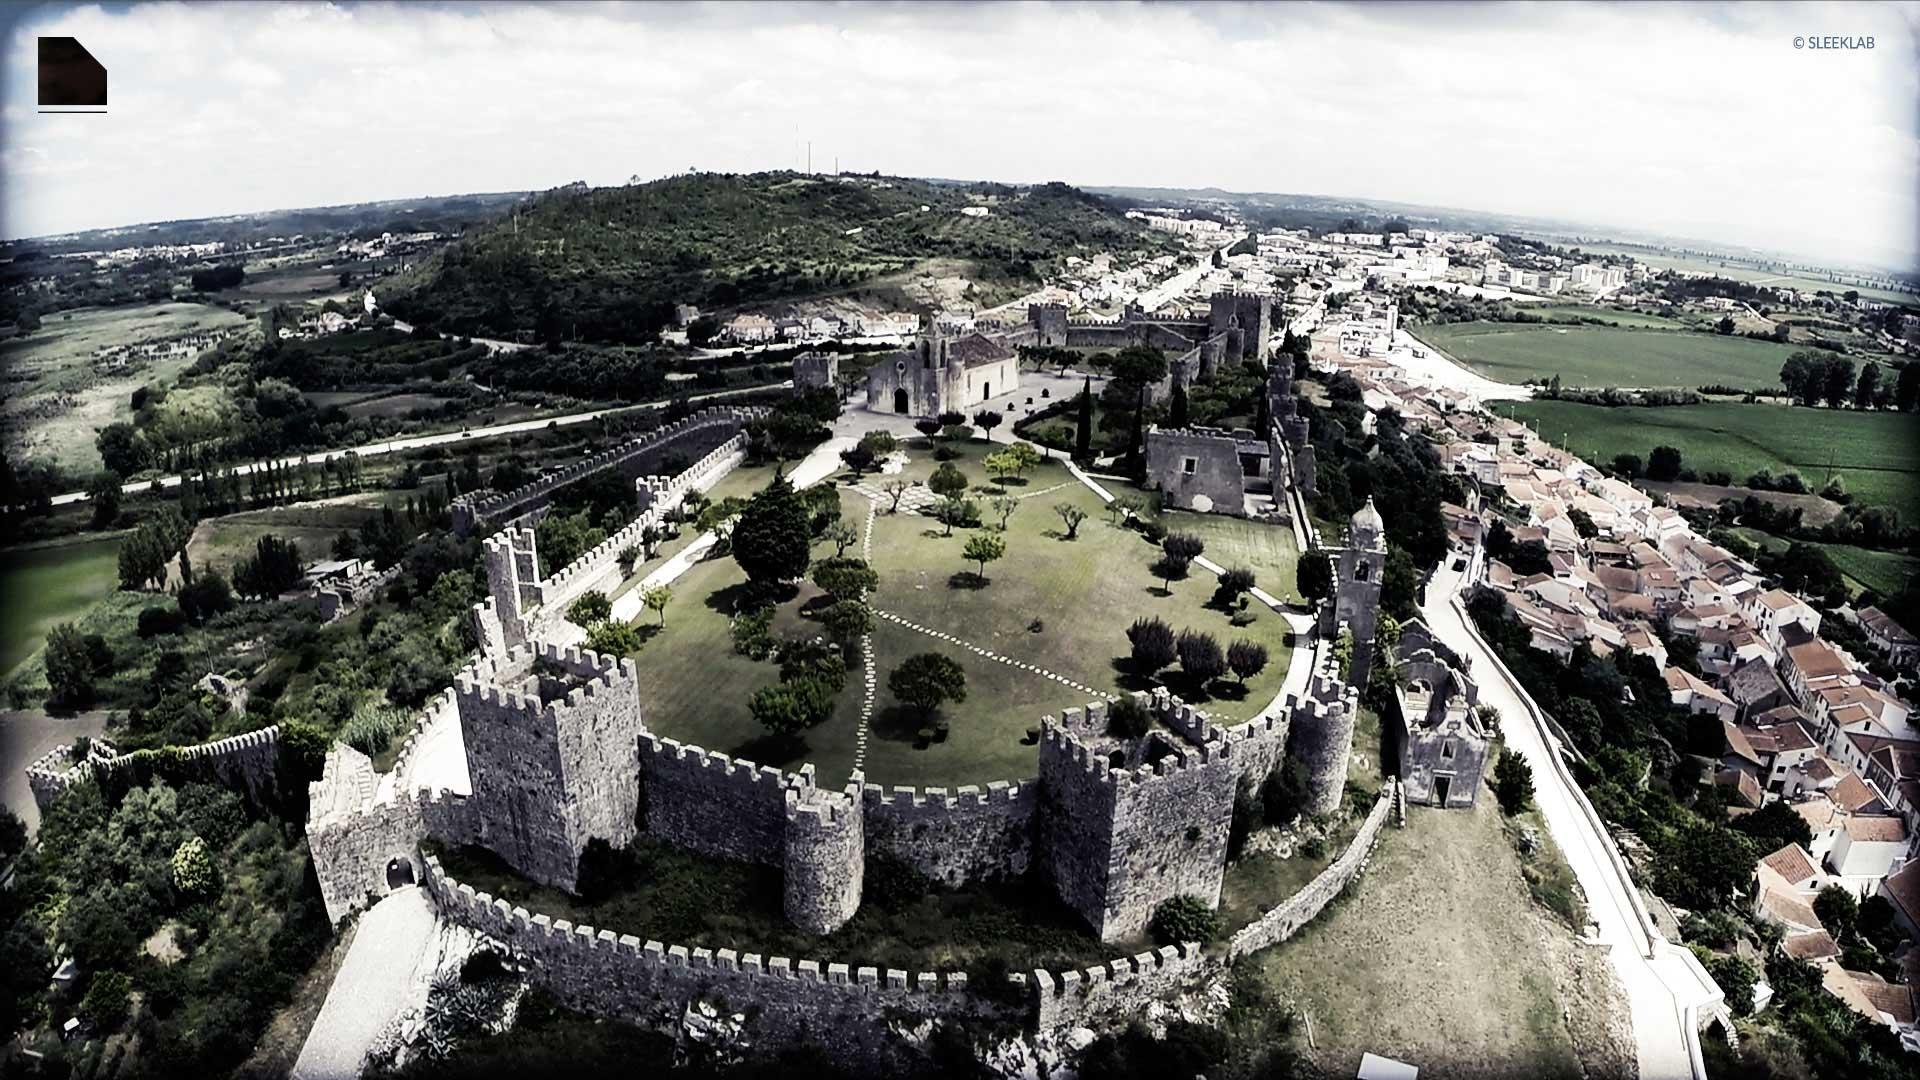 FESTIVAL FORTE MONTEMOR-O-VELHO CASTLE PORTUGAL